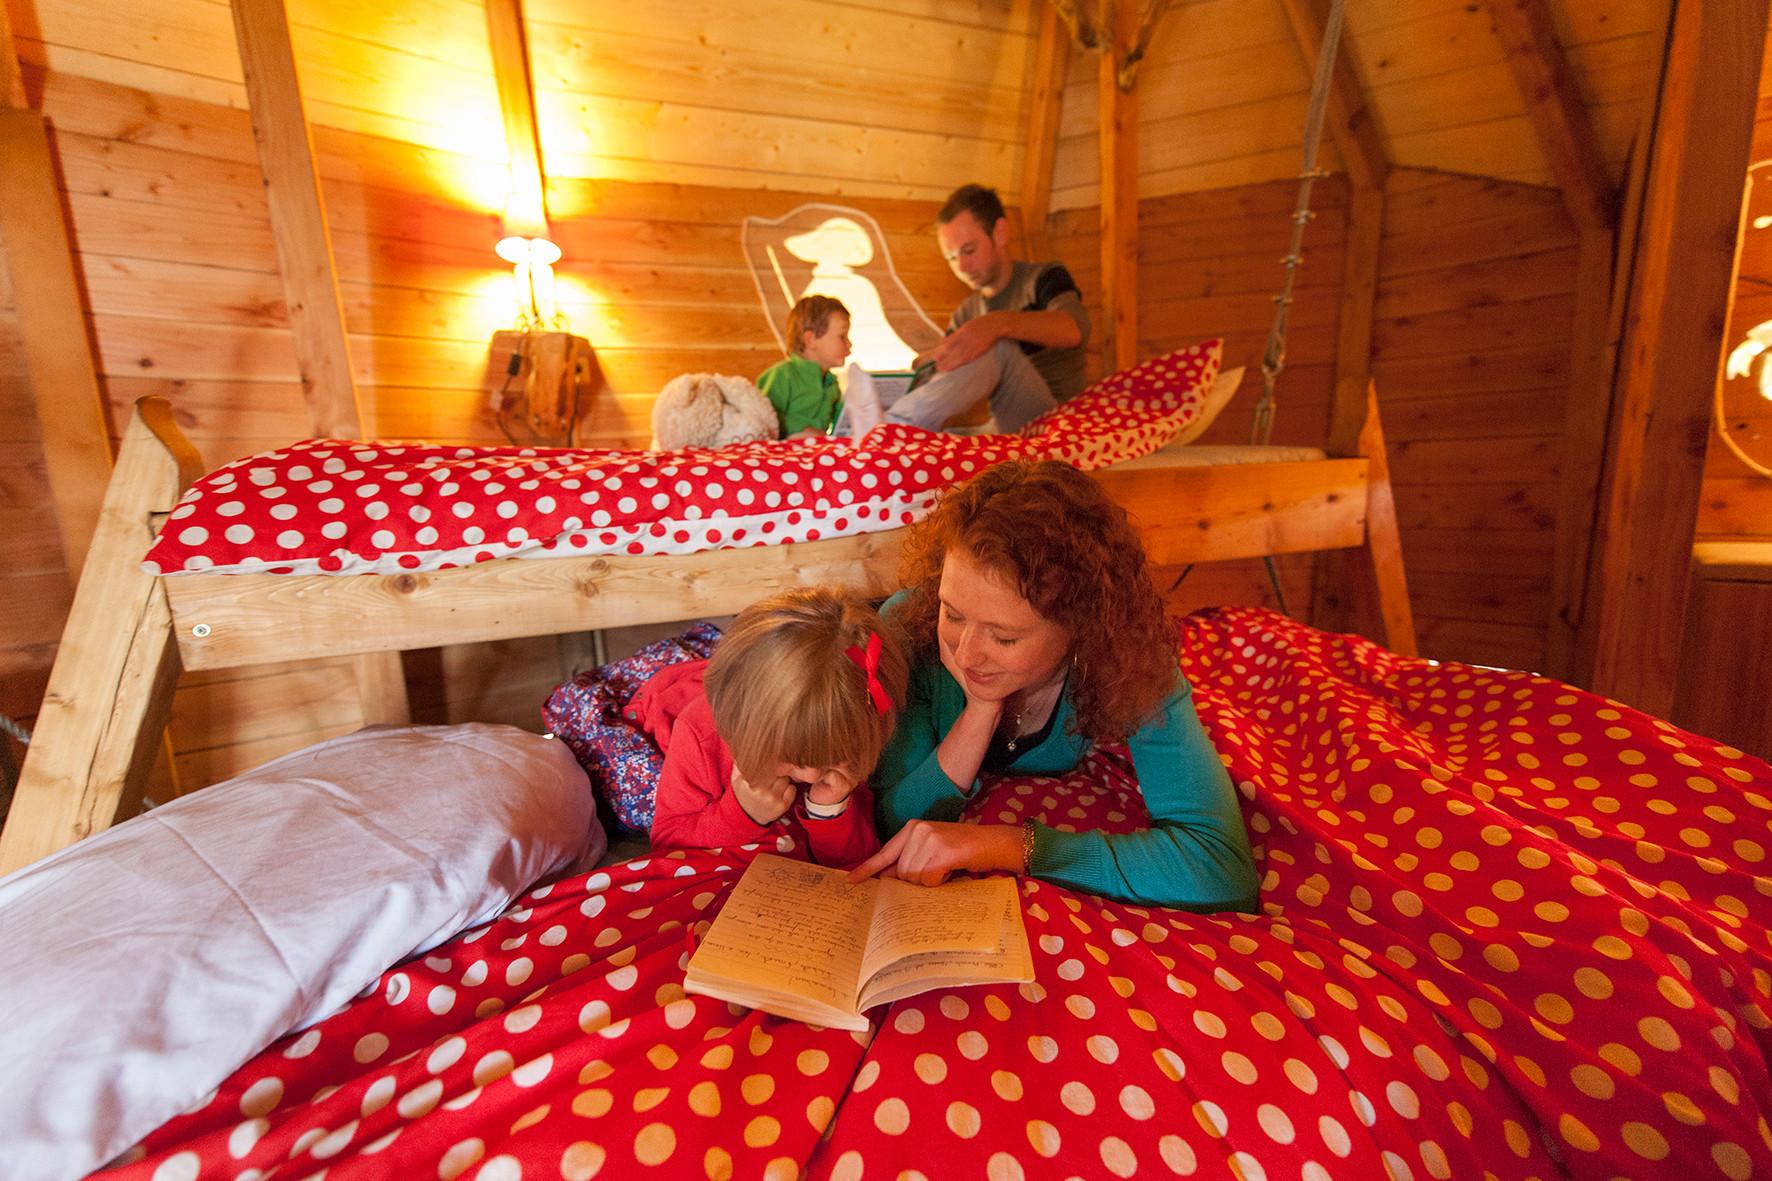 Profiter vos vacances dans une cabane familiale 4/5 personnes dans les arbres